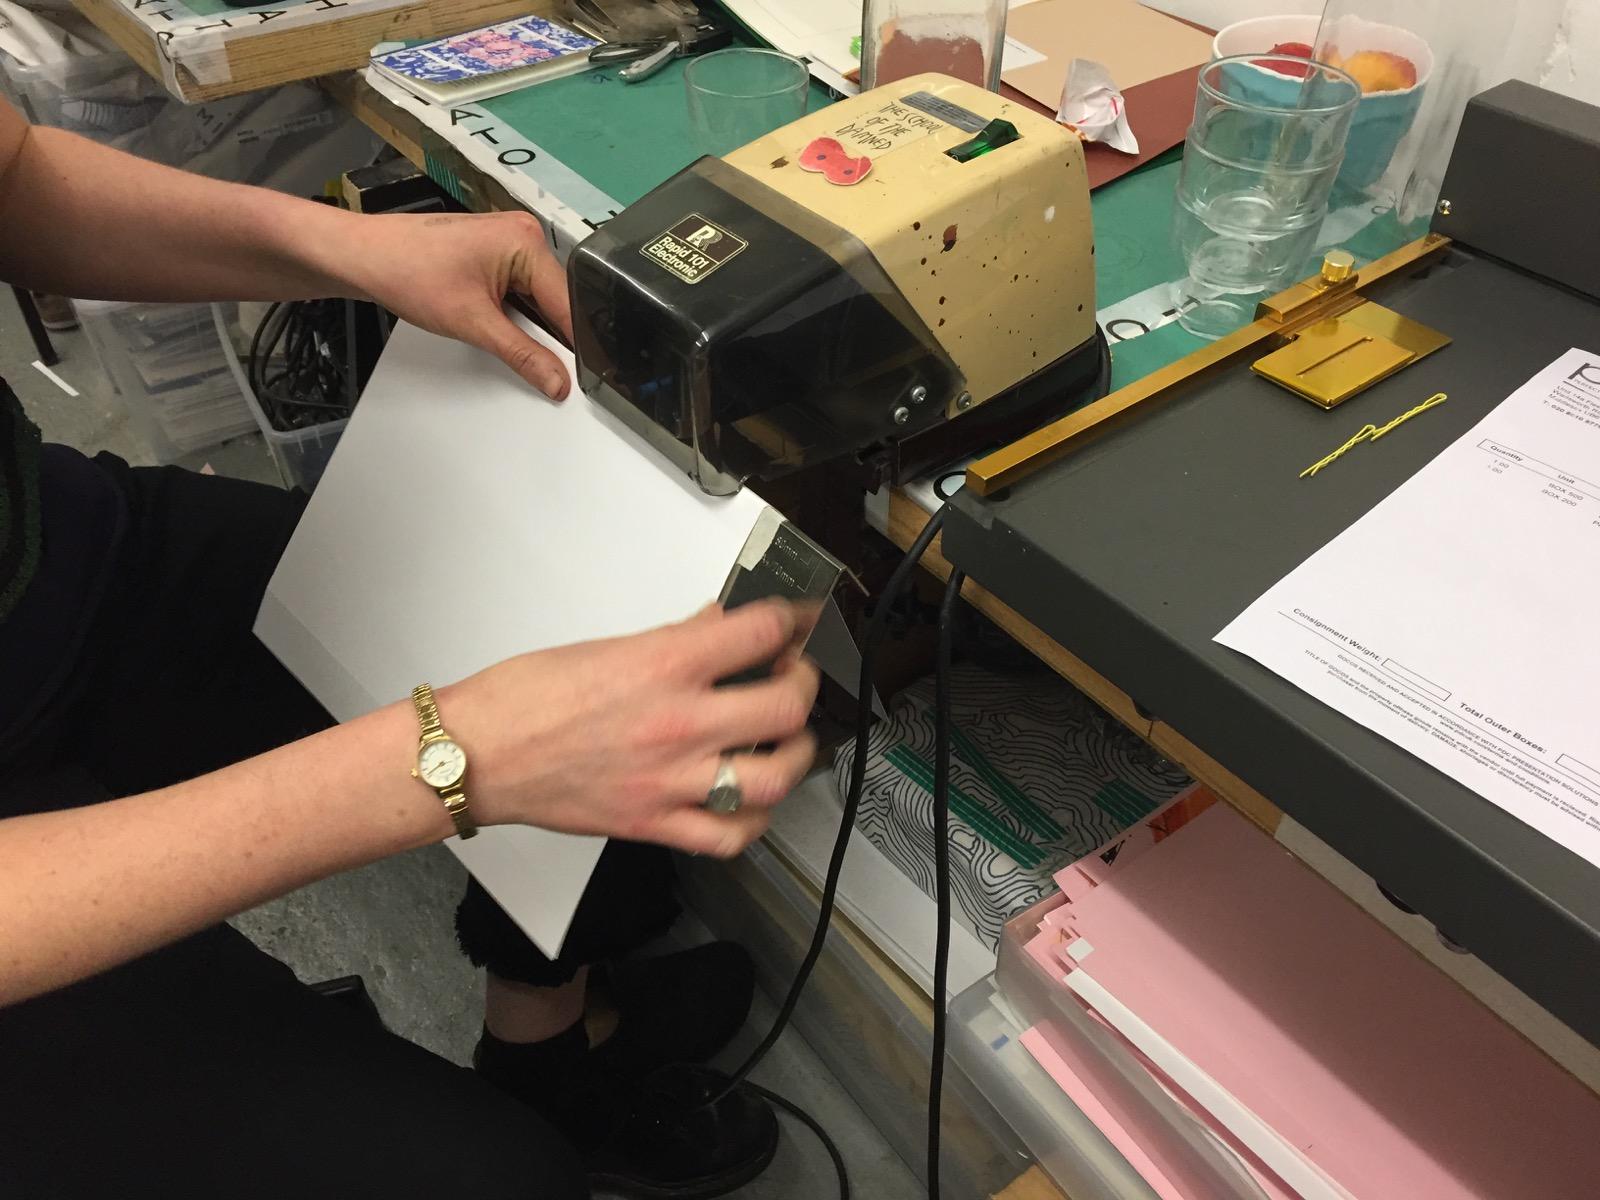 Gnarly book stapler